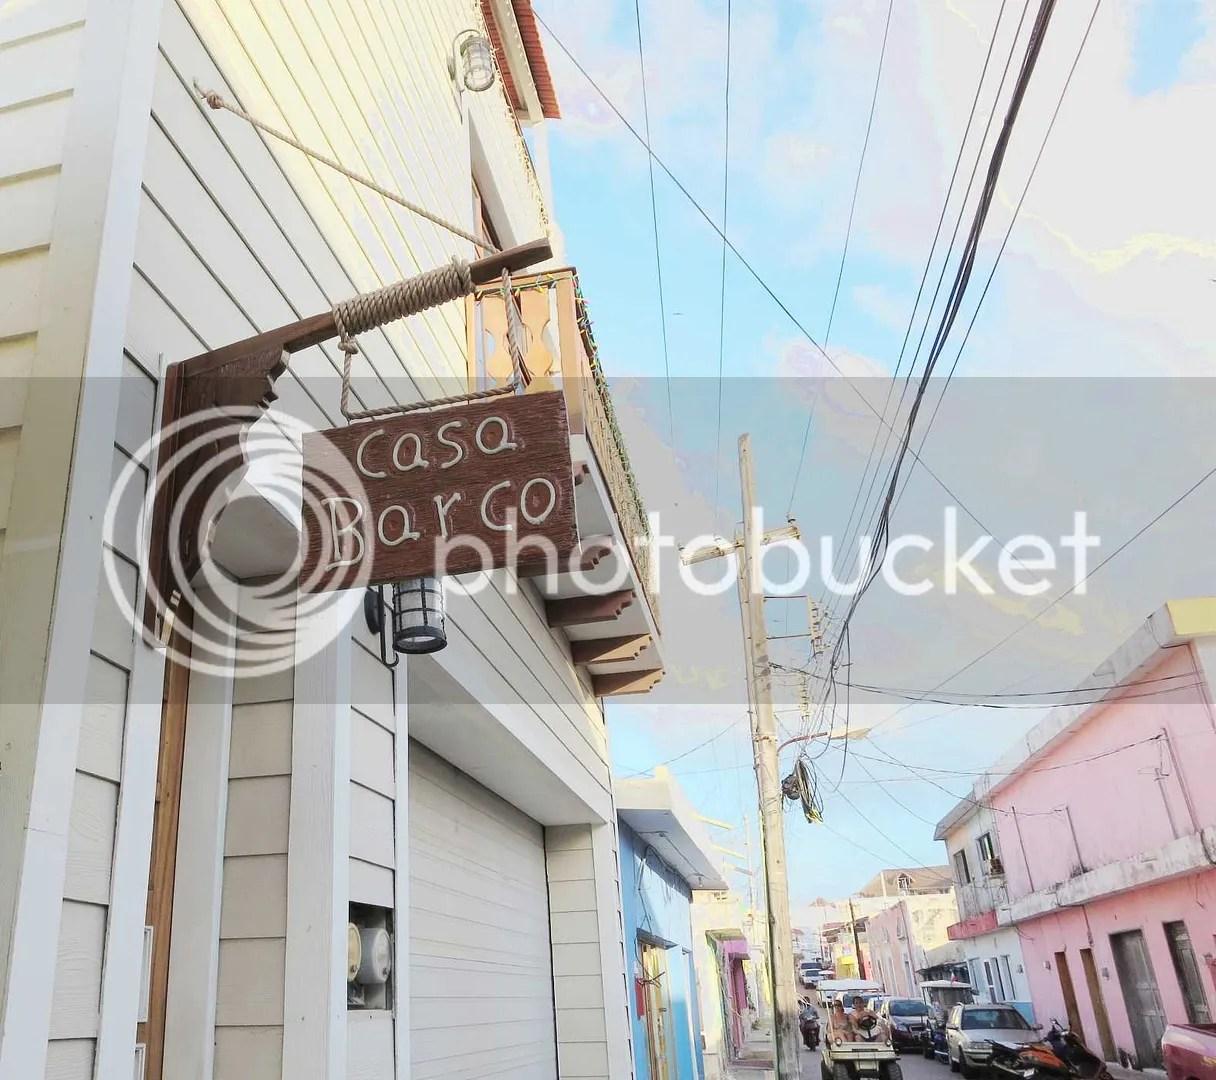 Isla Mujeres Casa Barco